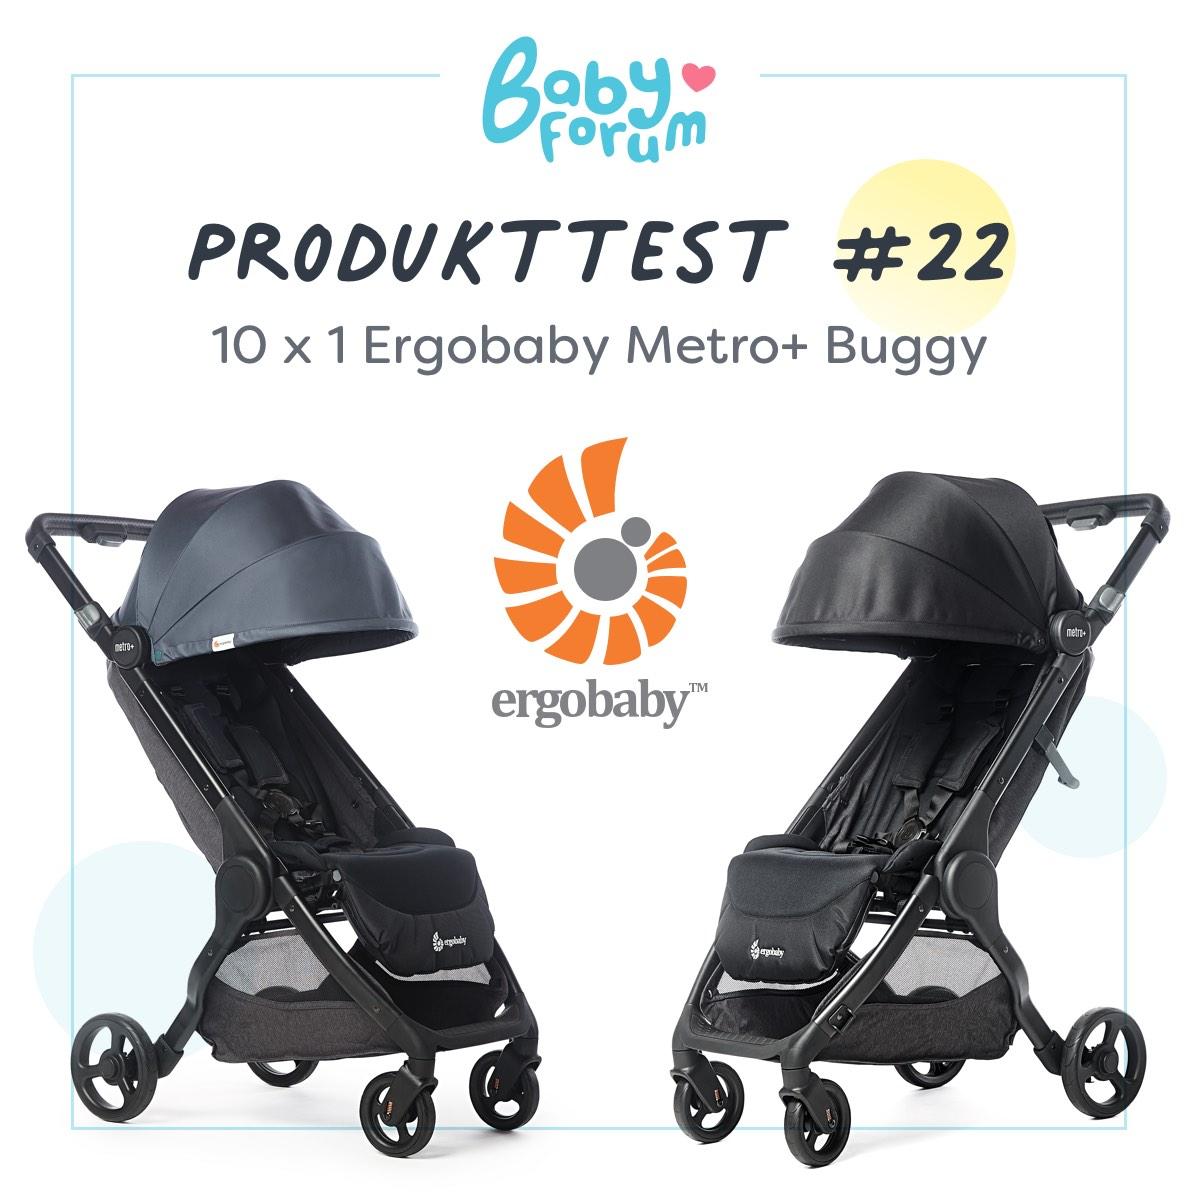 22-Produkttest-Ergobaby-Metro-BBF-1200.jpg